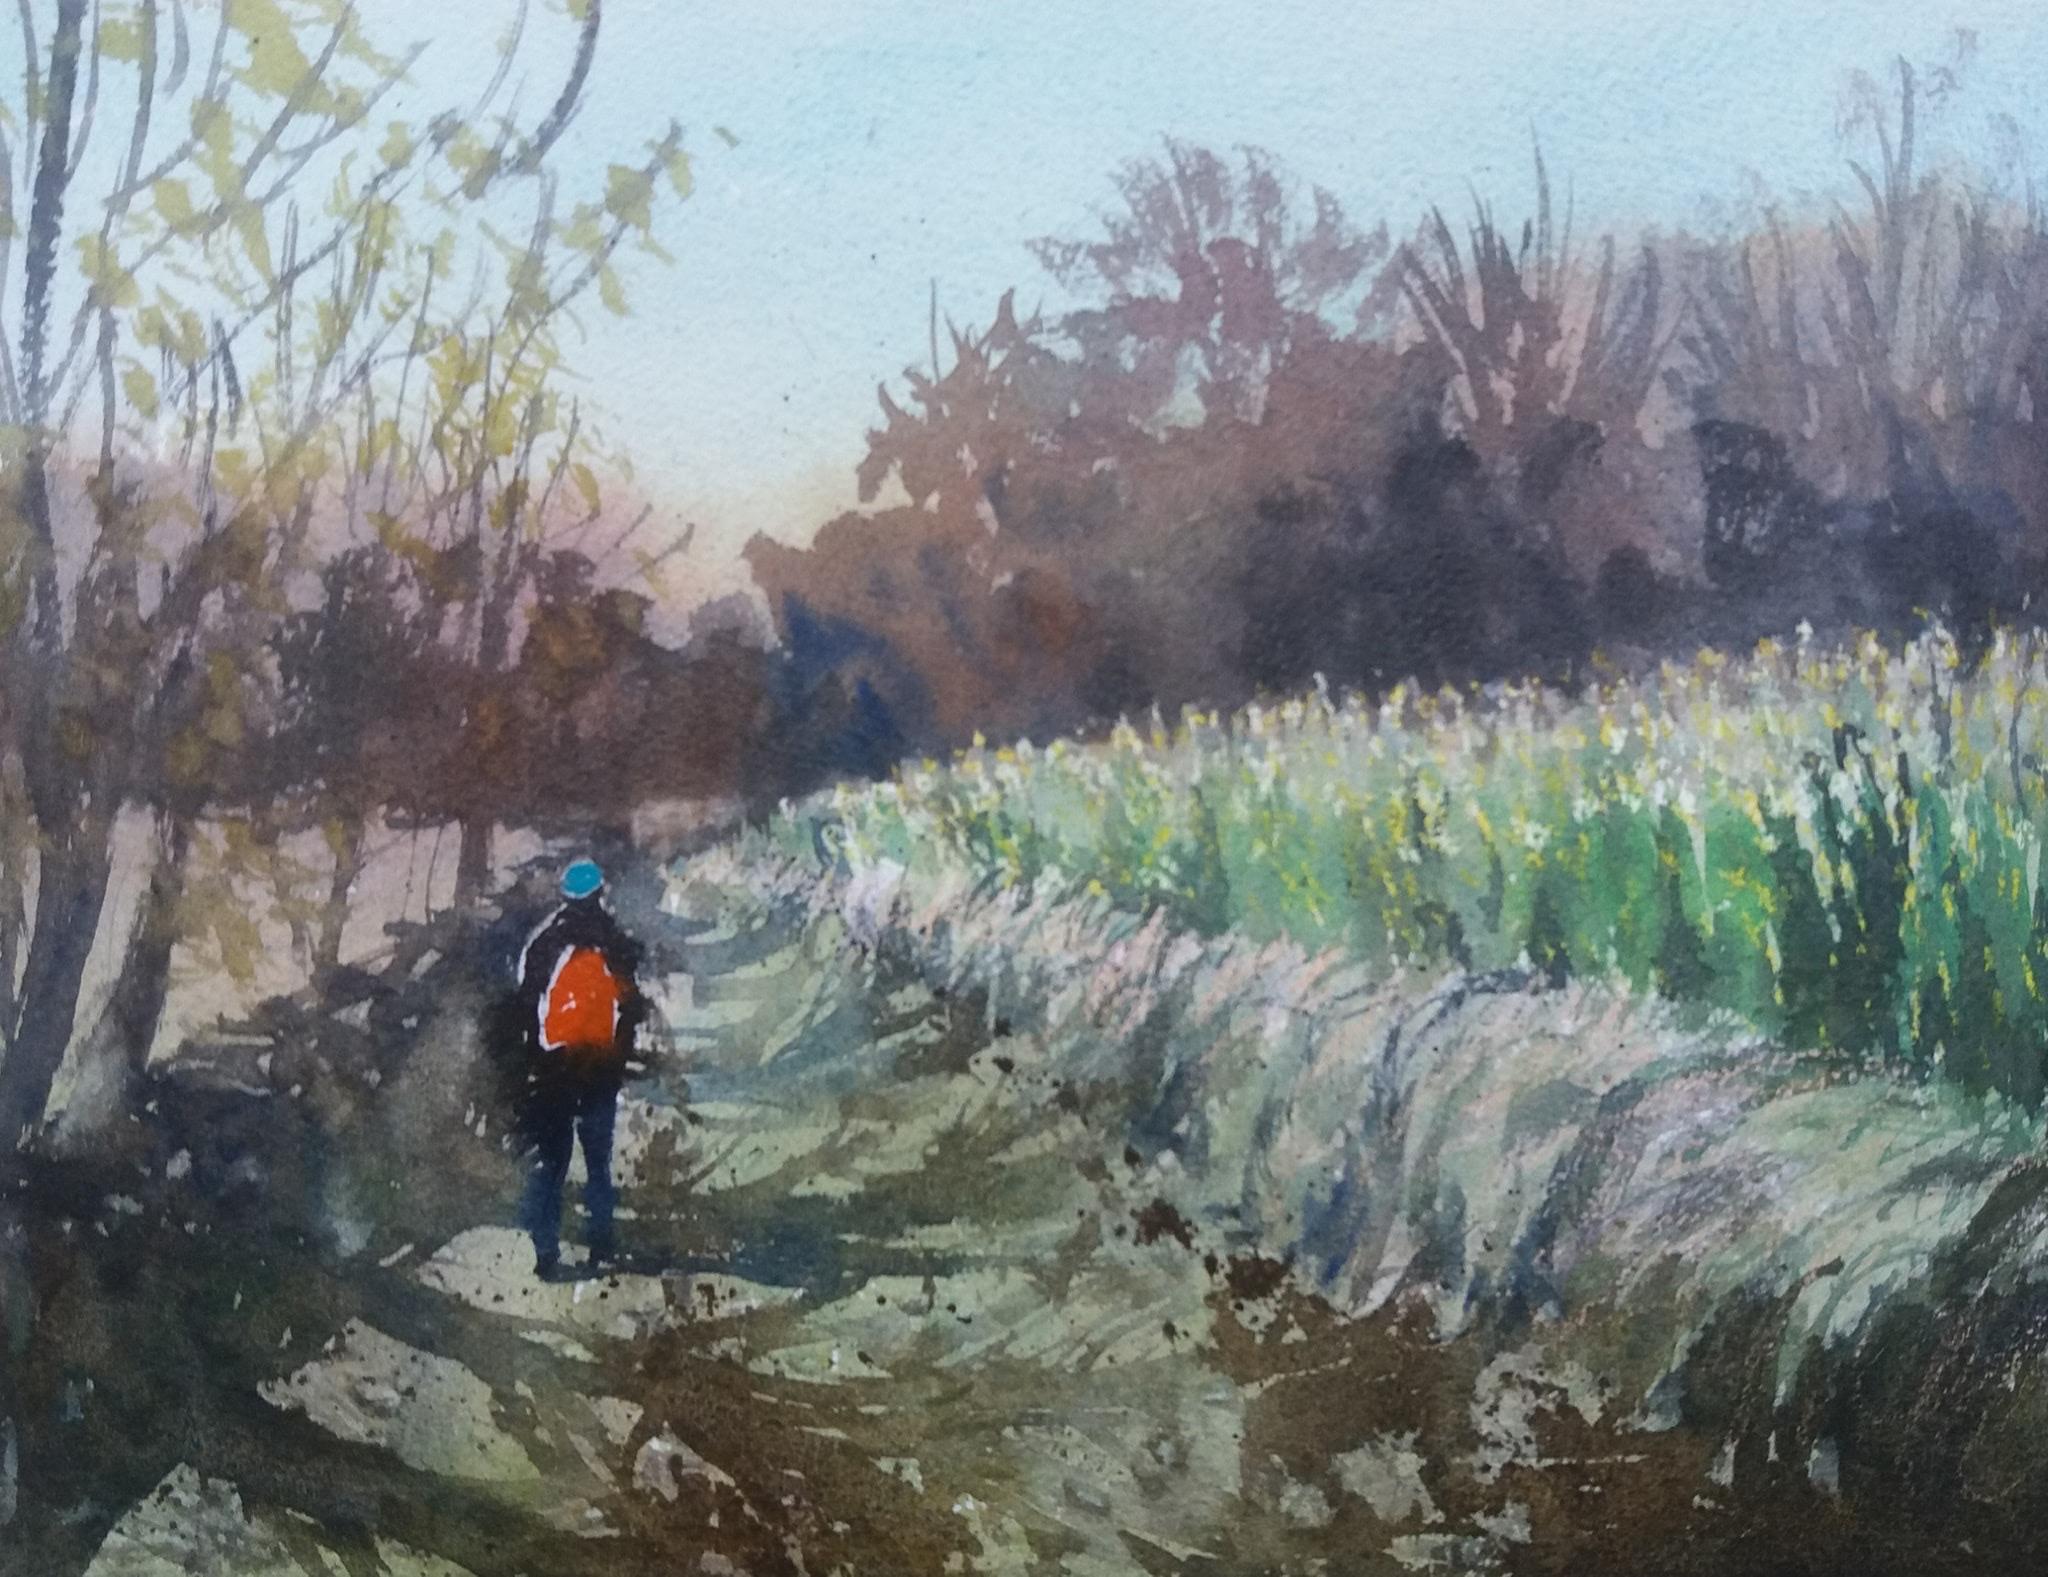 Autumn trail. Eastleach, England. Watercolour on W&N paper. 23 x 31 cm